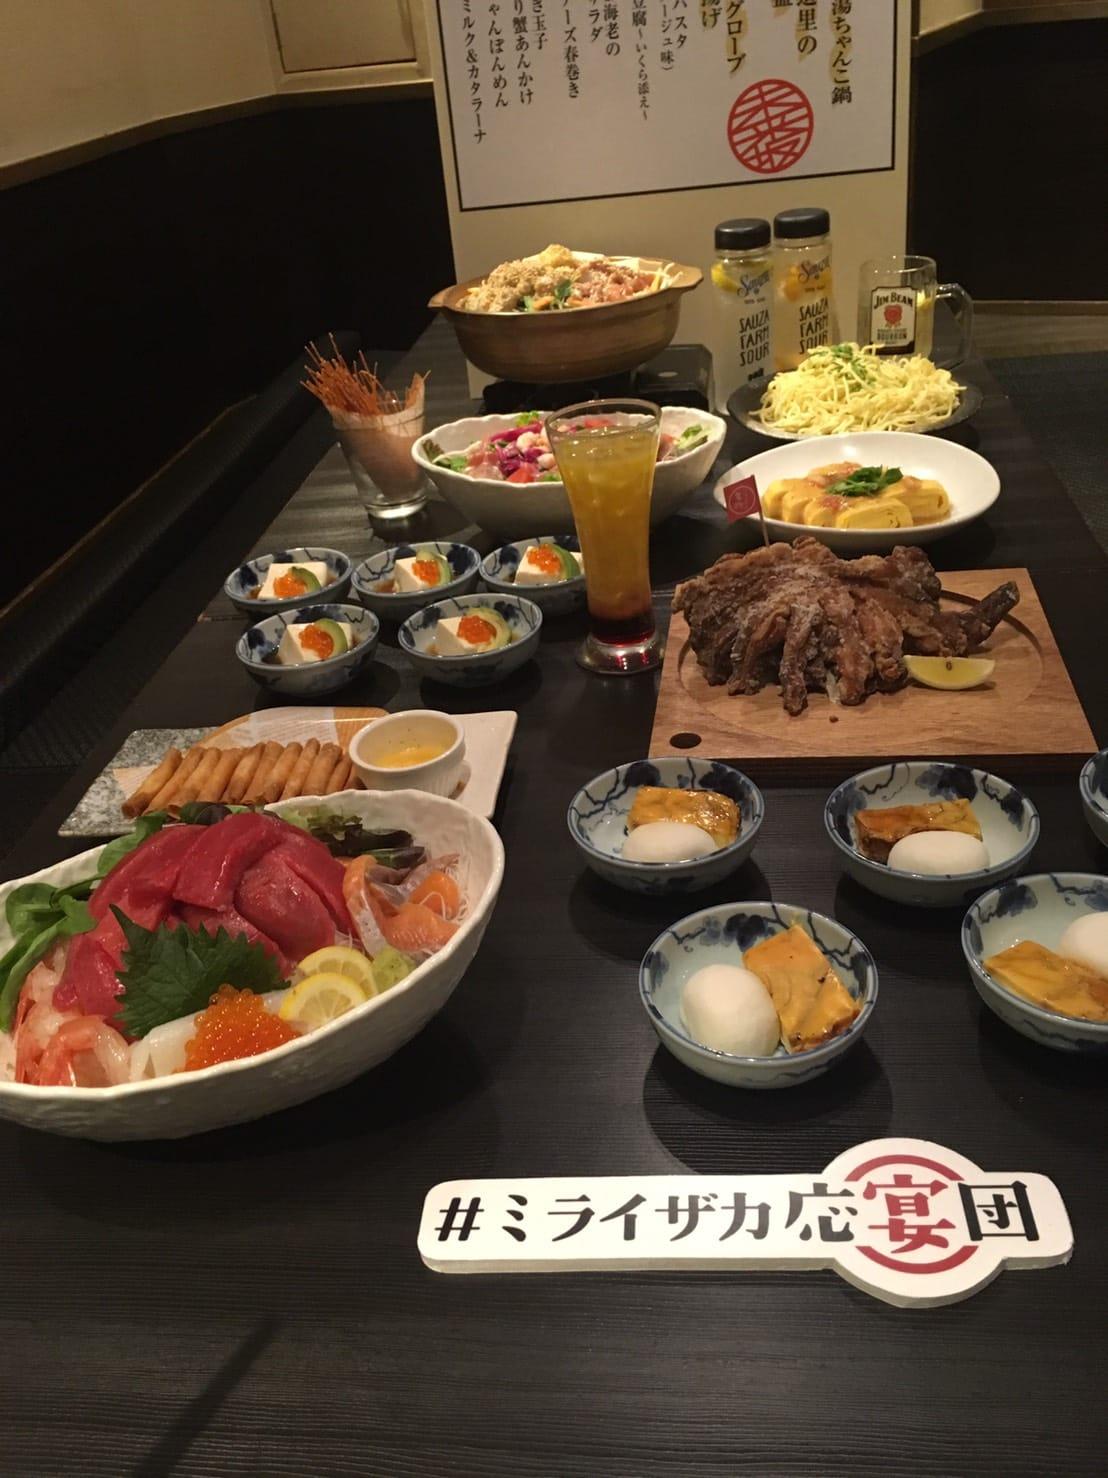 忘年会コース試食会を行いました! お集まりいただき、ありがとうございます。